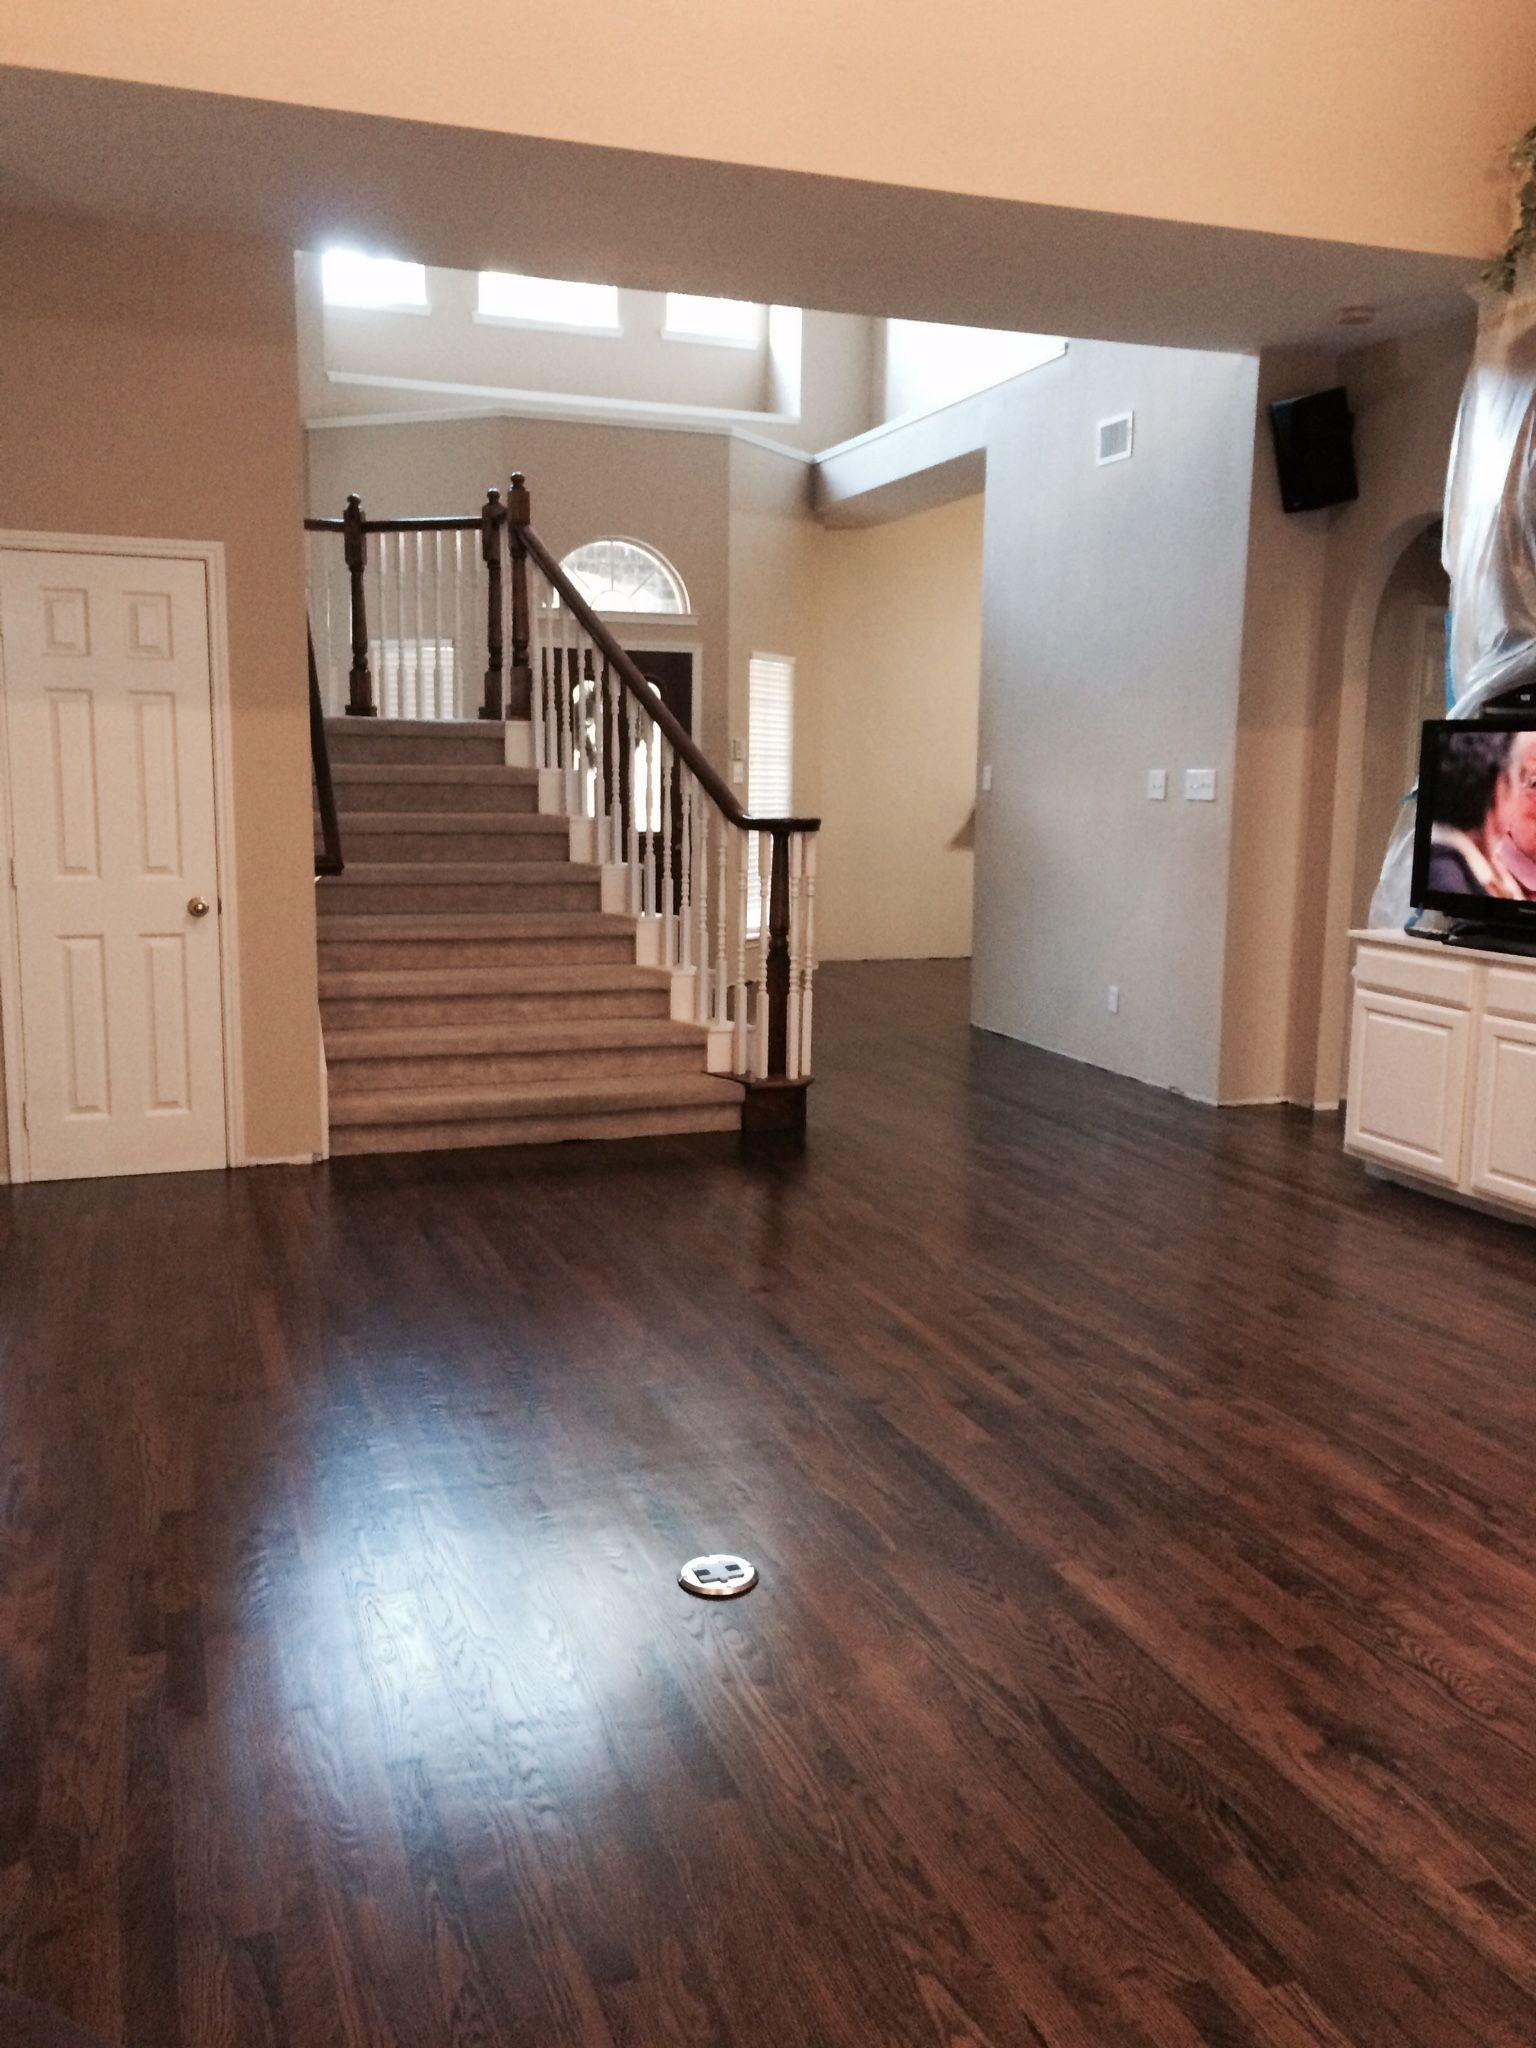 fake hardwood floor over carpet of dark walnut stain on white oak hardwood remodel 1floors in 2018 with dark walnut stain on white oak hardwood walnut hardwood flooring hardwood floor stain colors